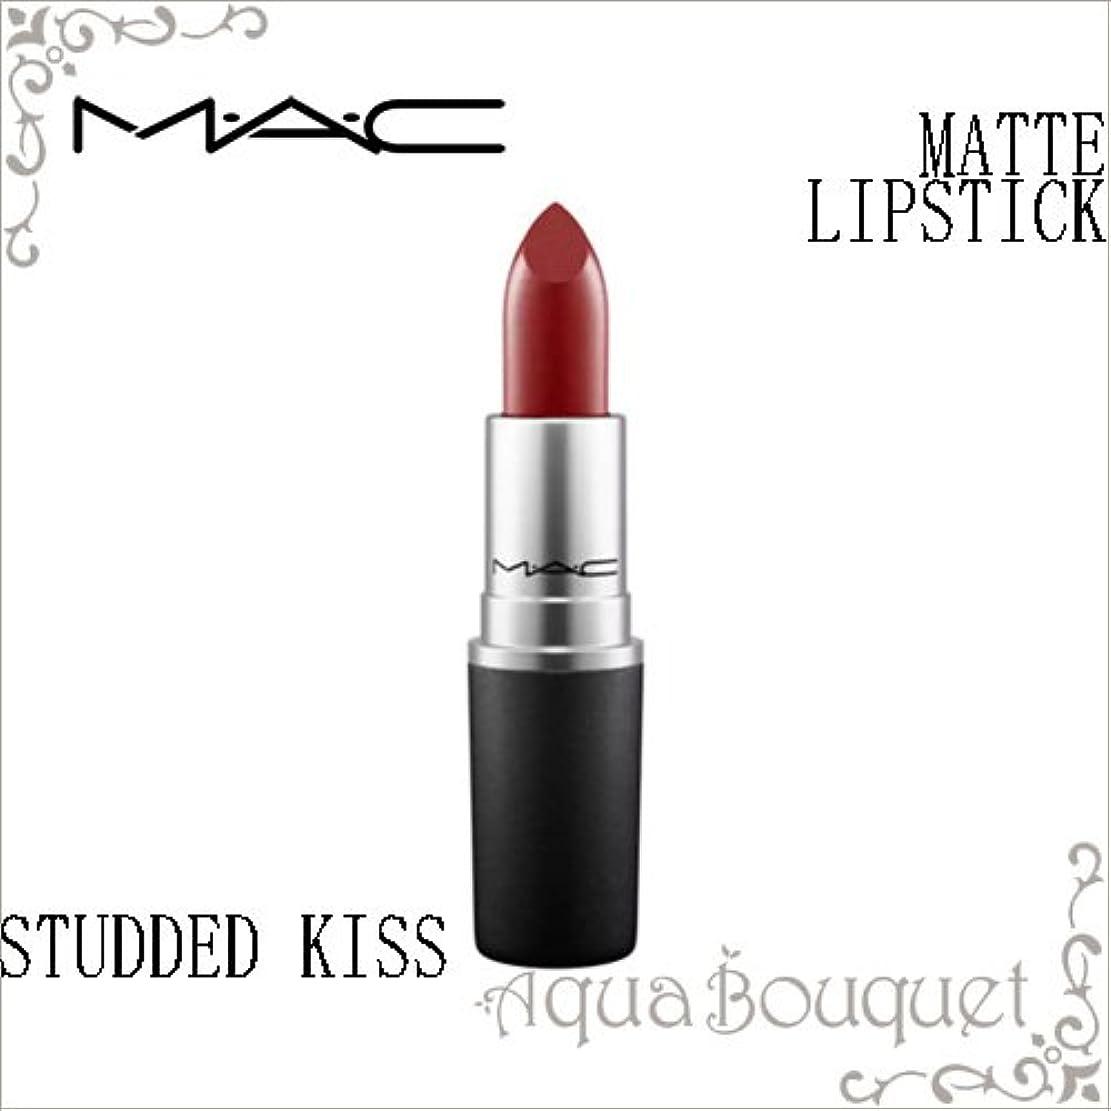 鋸歯状処方する洗剤マック(MAC) THE MATTE LIP リップスティックマット #スタディッド キス 3g [388325][並行輸入品]